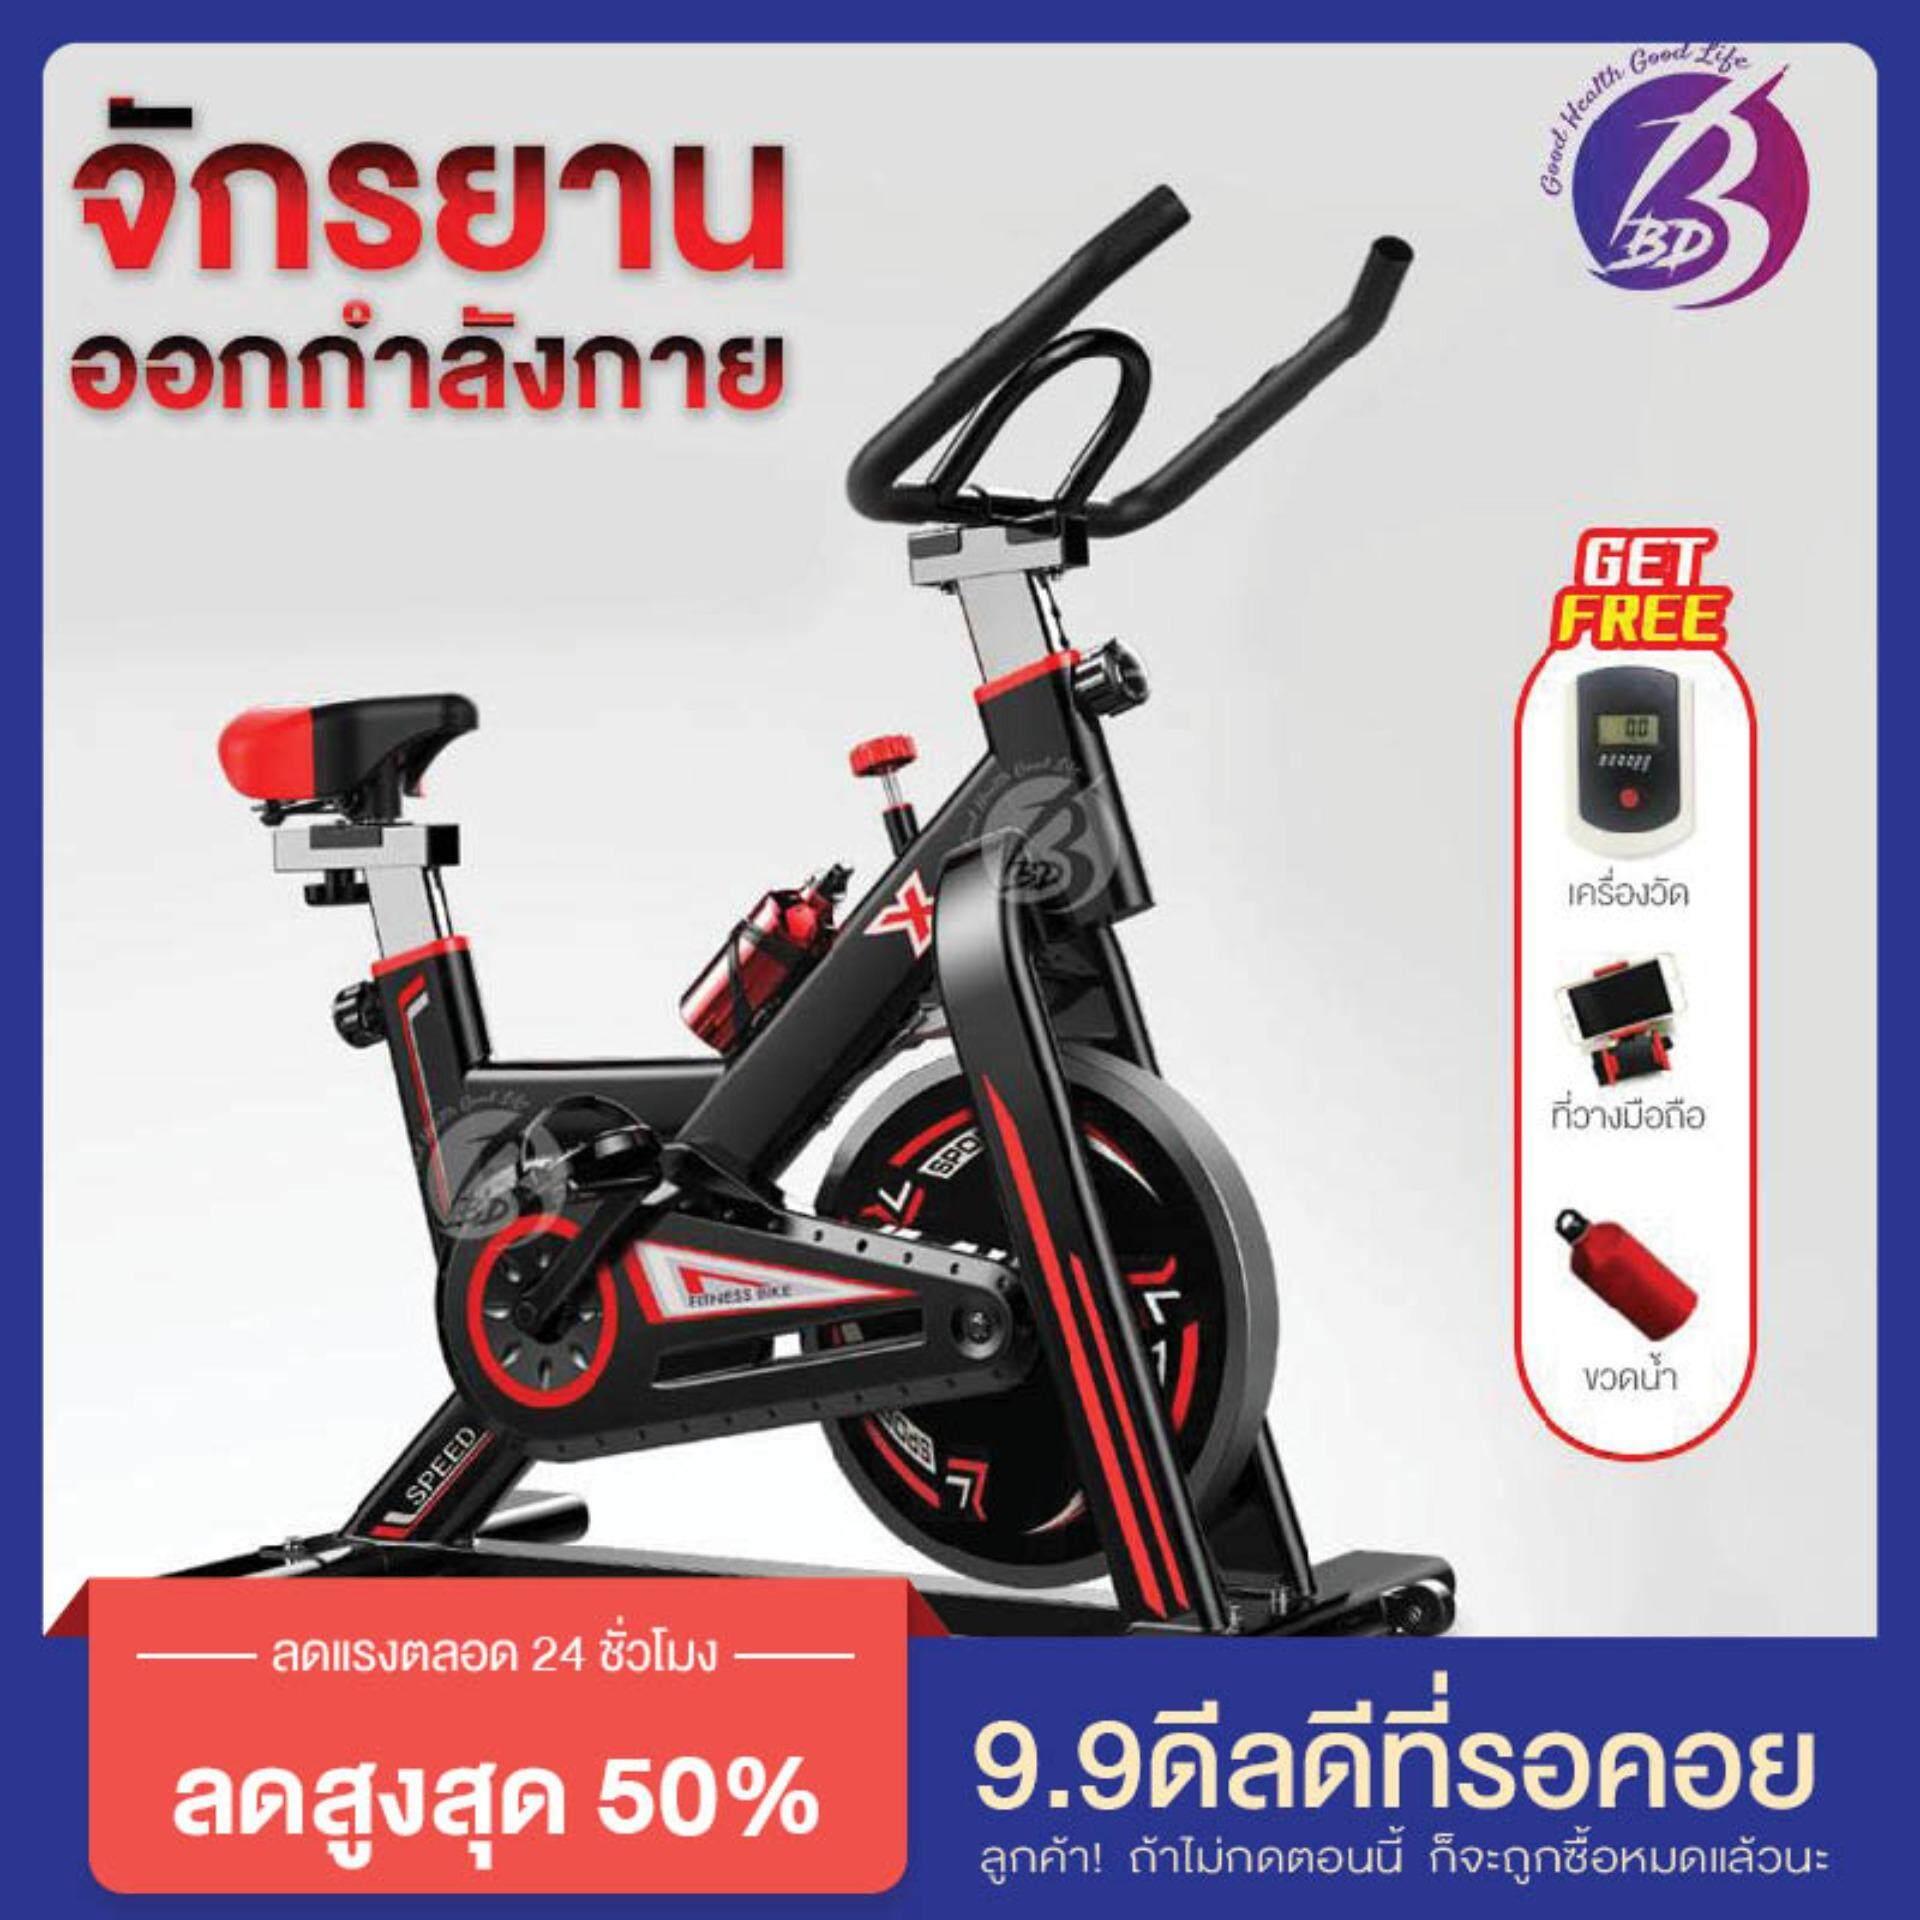 จักรยานออกกำลังกาย จักรยานบริหาร รุ่น SPINNING BIKE จักรยานฟิตเนส Exercise Bike Spin Bike Commercial Grade  Speed Bike